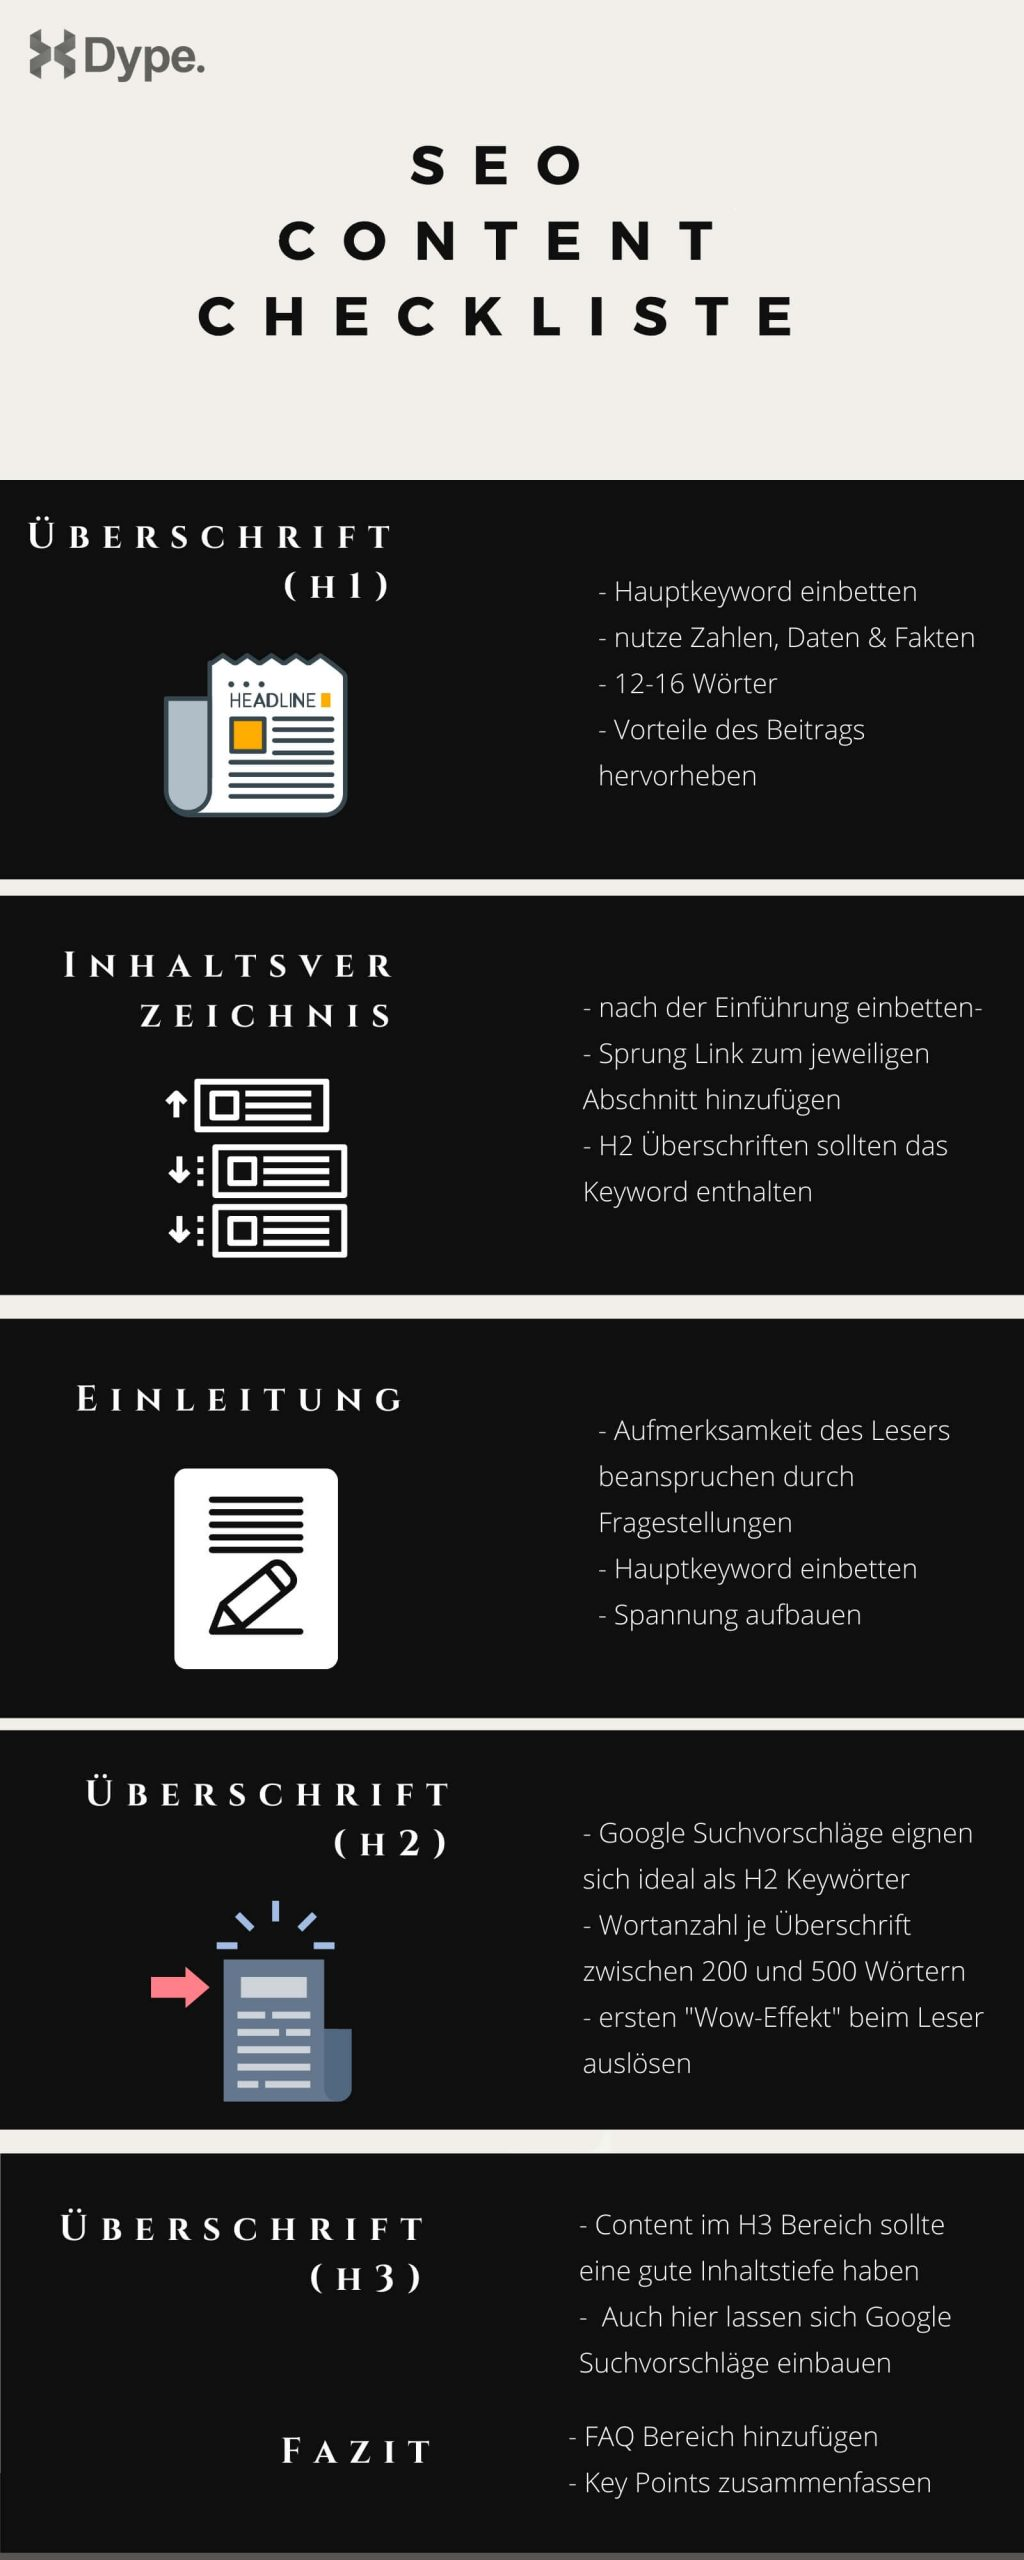 SEO Content Checkliste